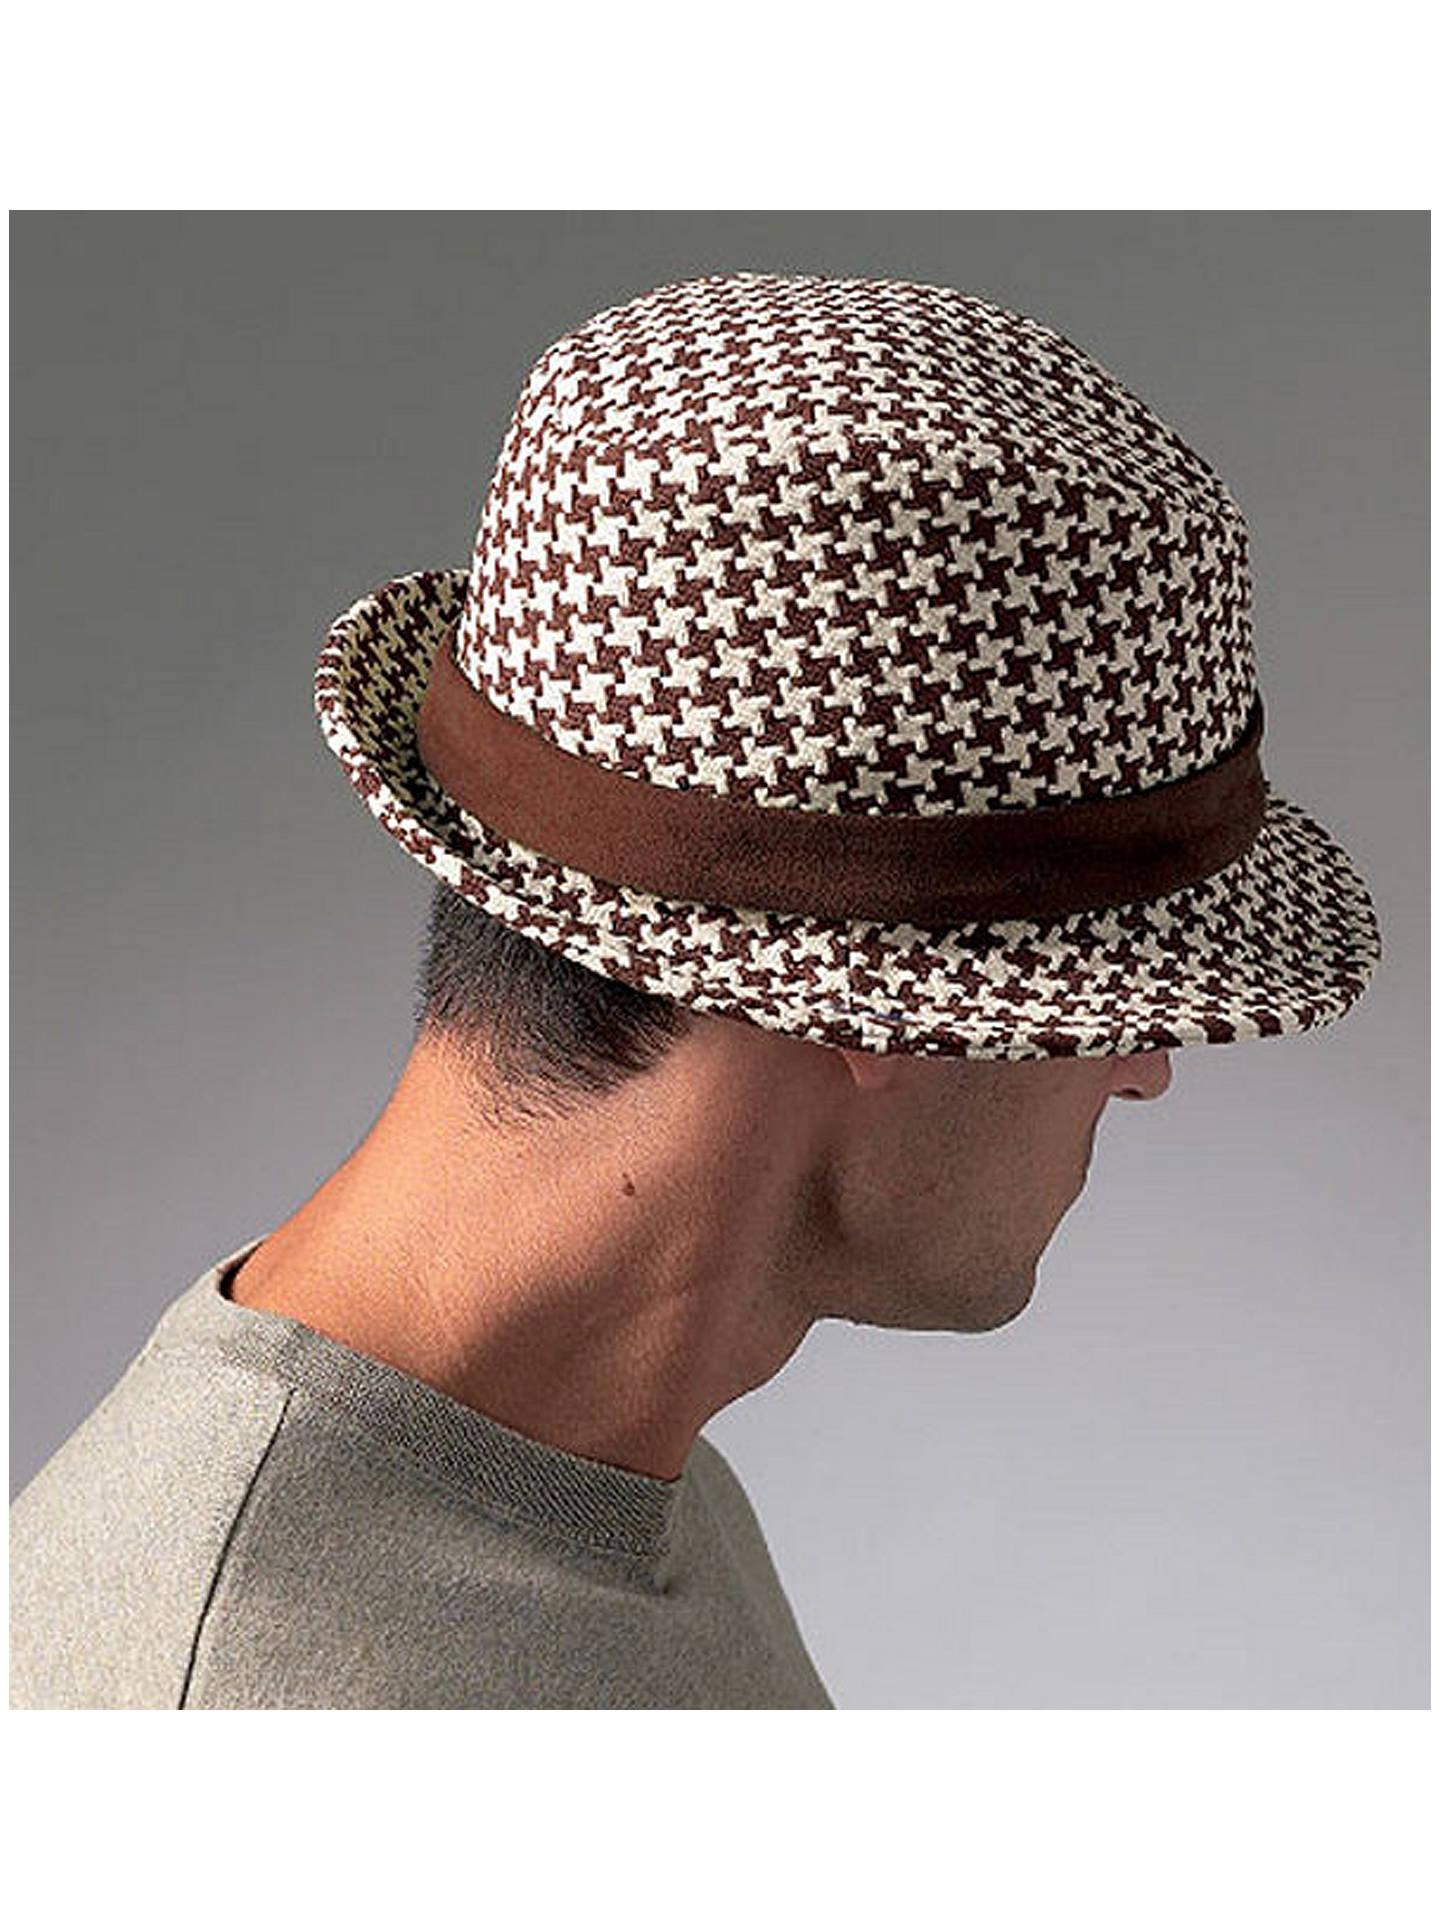 3c84af88ce ... Buy Vogue Men's Hat Sewing Pattern, 8869 Online at johnlewis.com